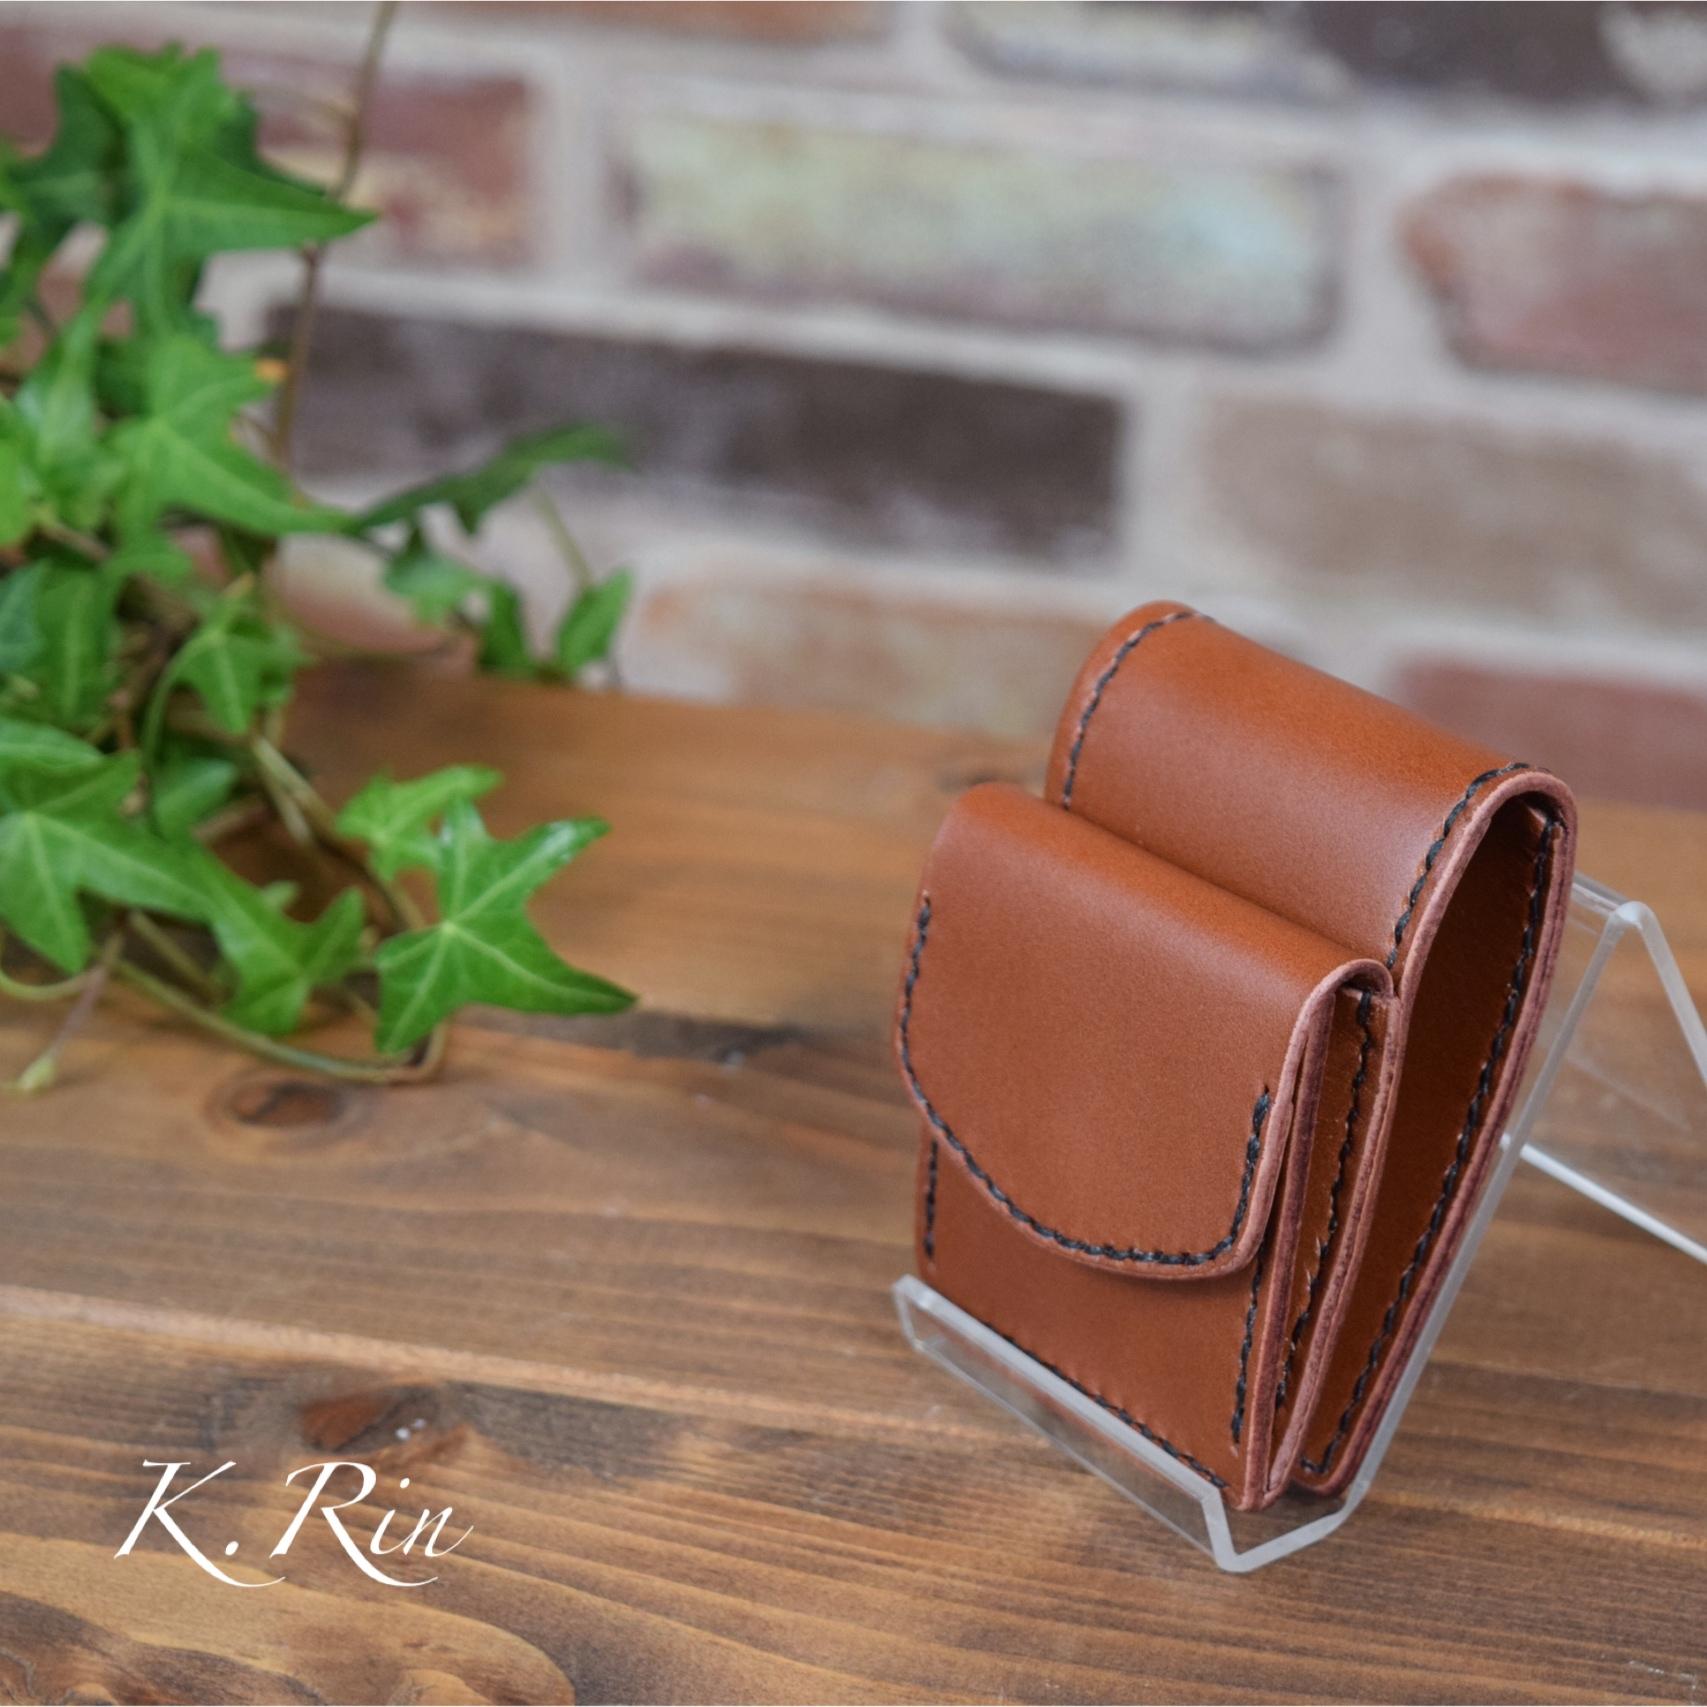 【オーダーメイド制作例】小さな 小さな 2つ折り財布  (KA102b3)